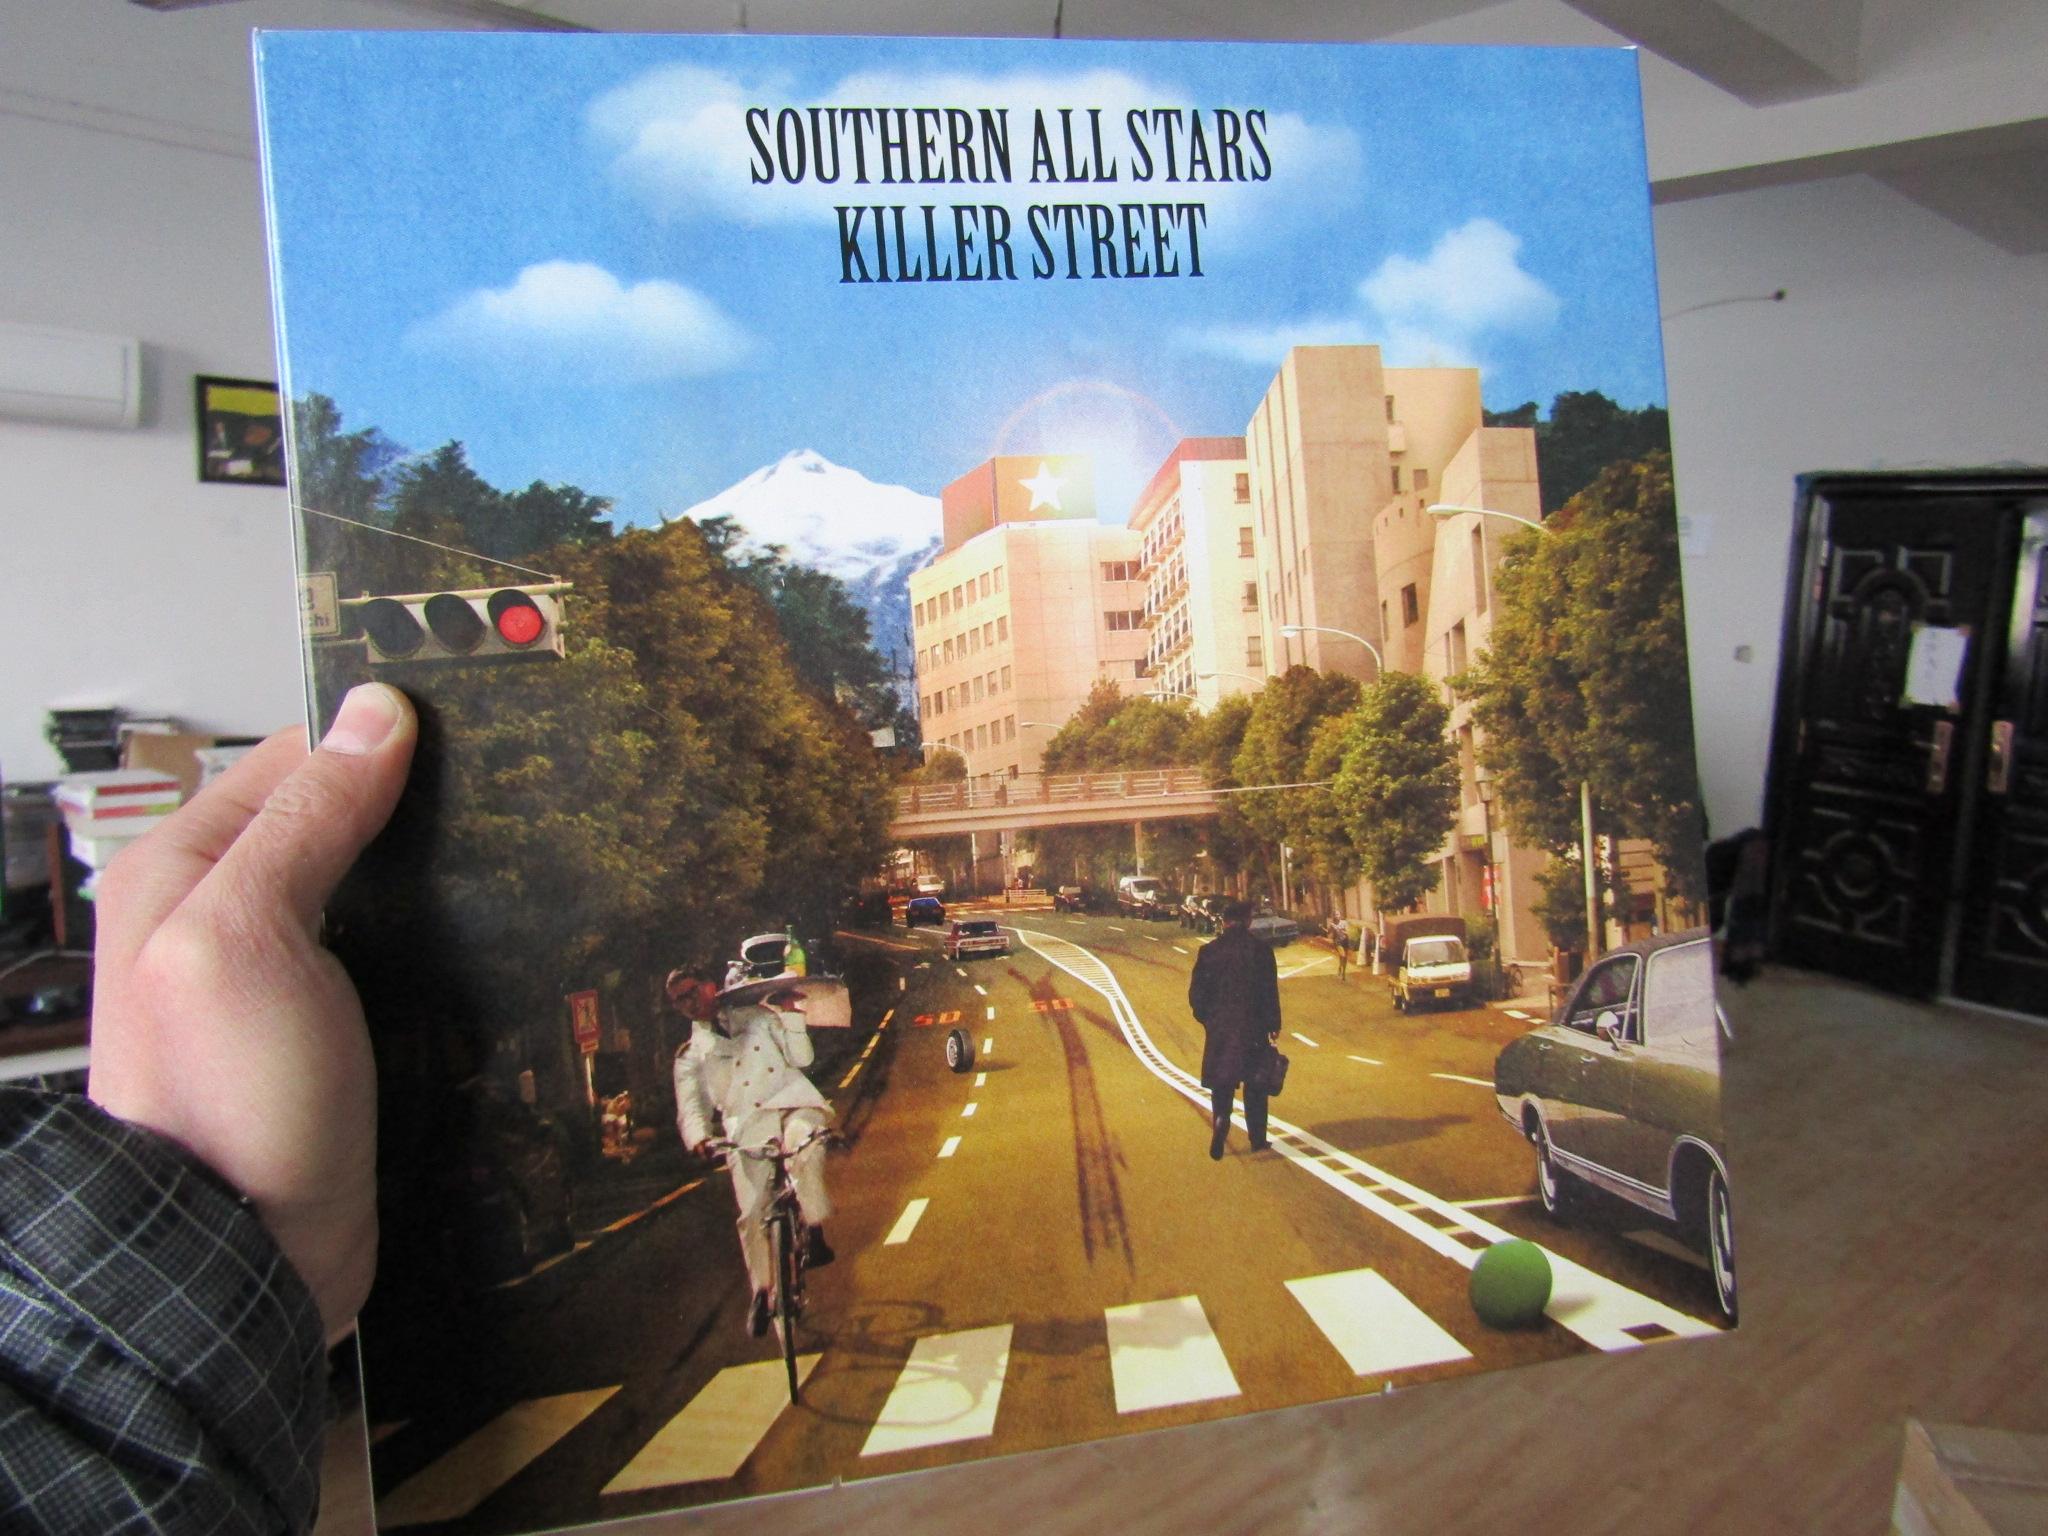 Южная день группа звезда лицензированный не открывается 3LP винил SOUTHERN ALL STARS KILLER STREET